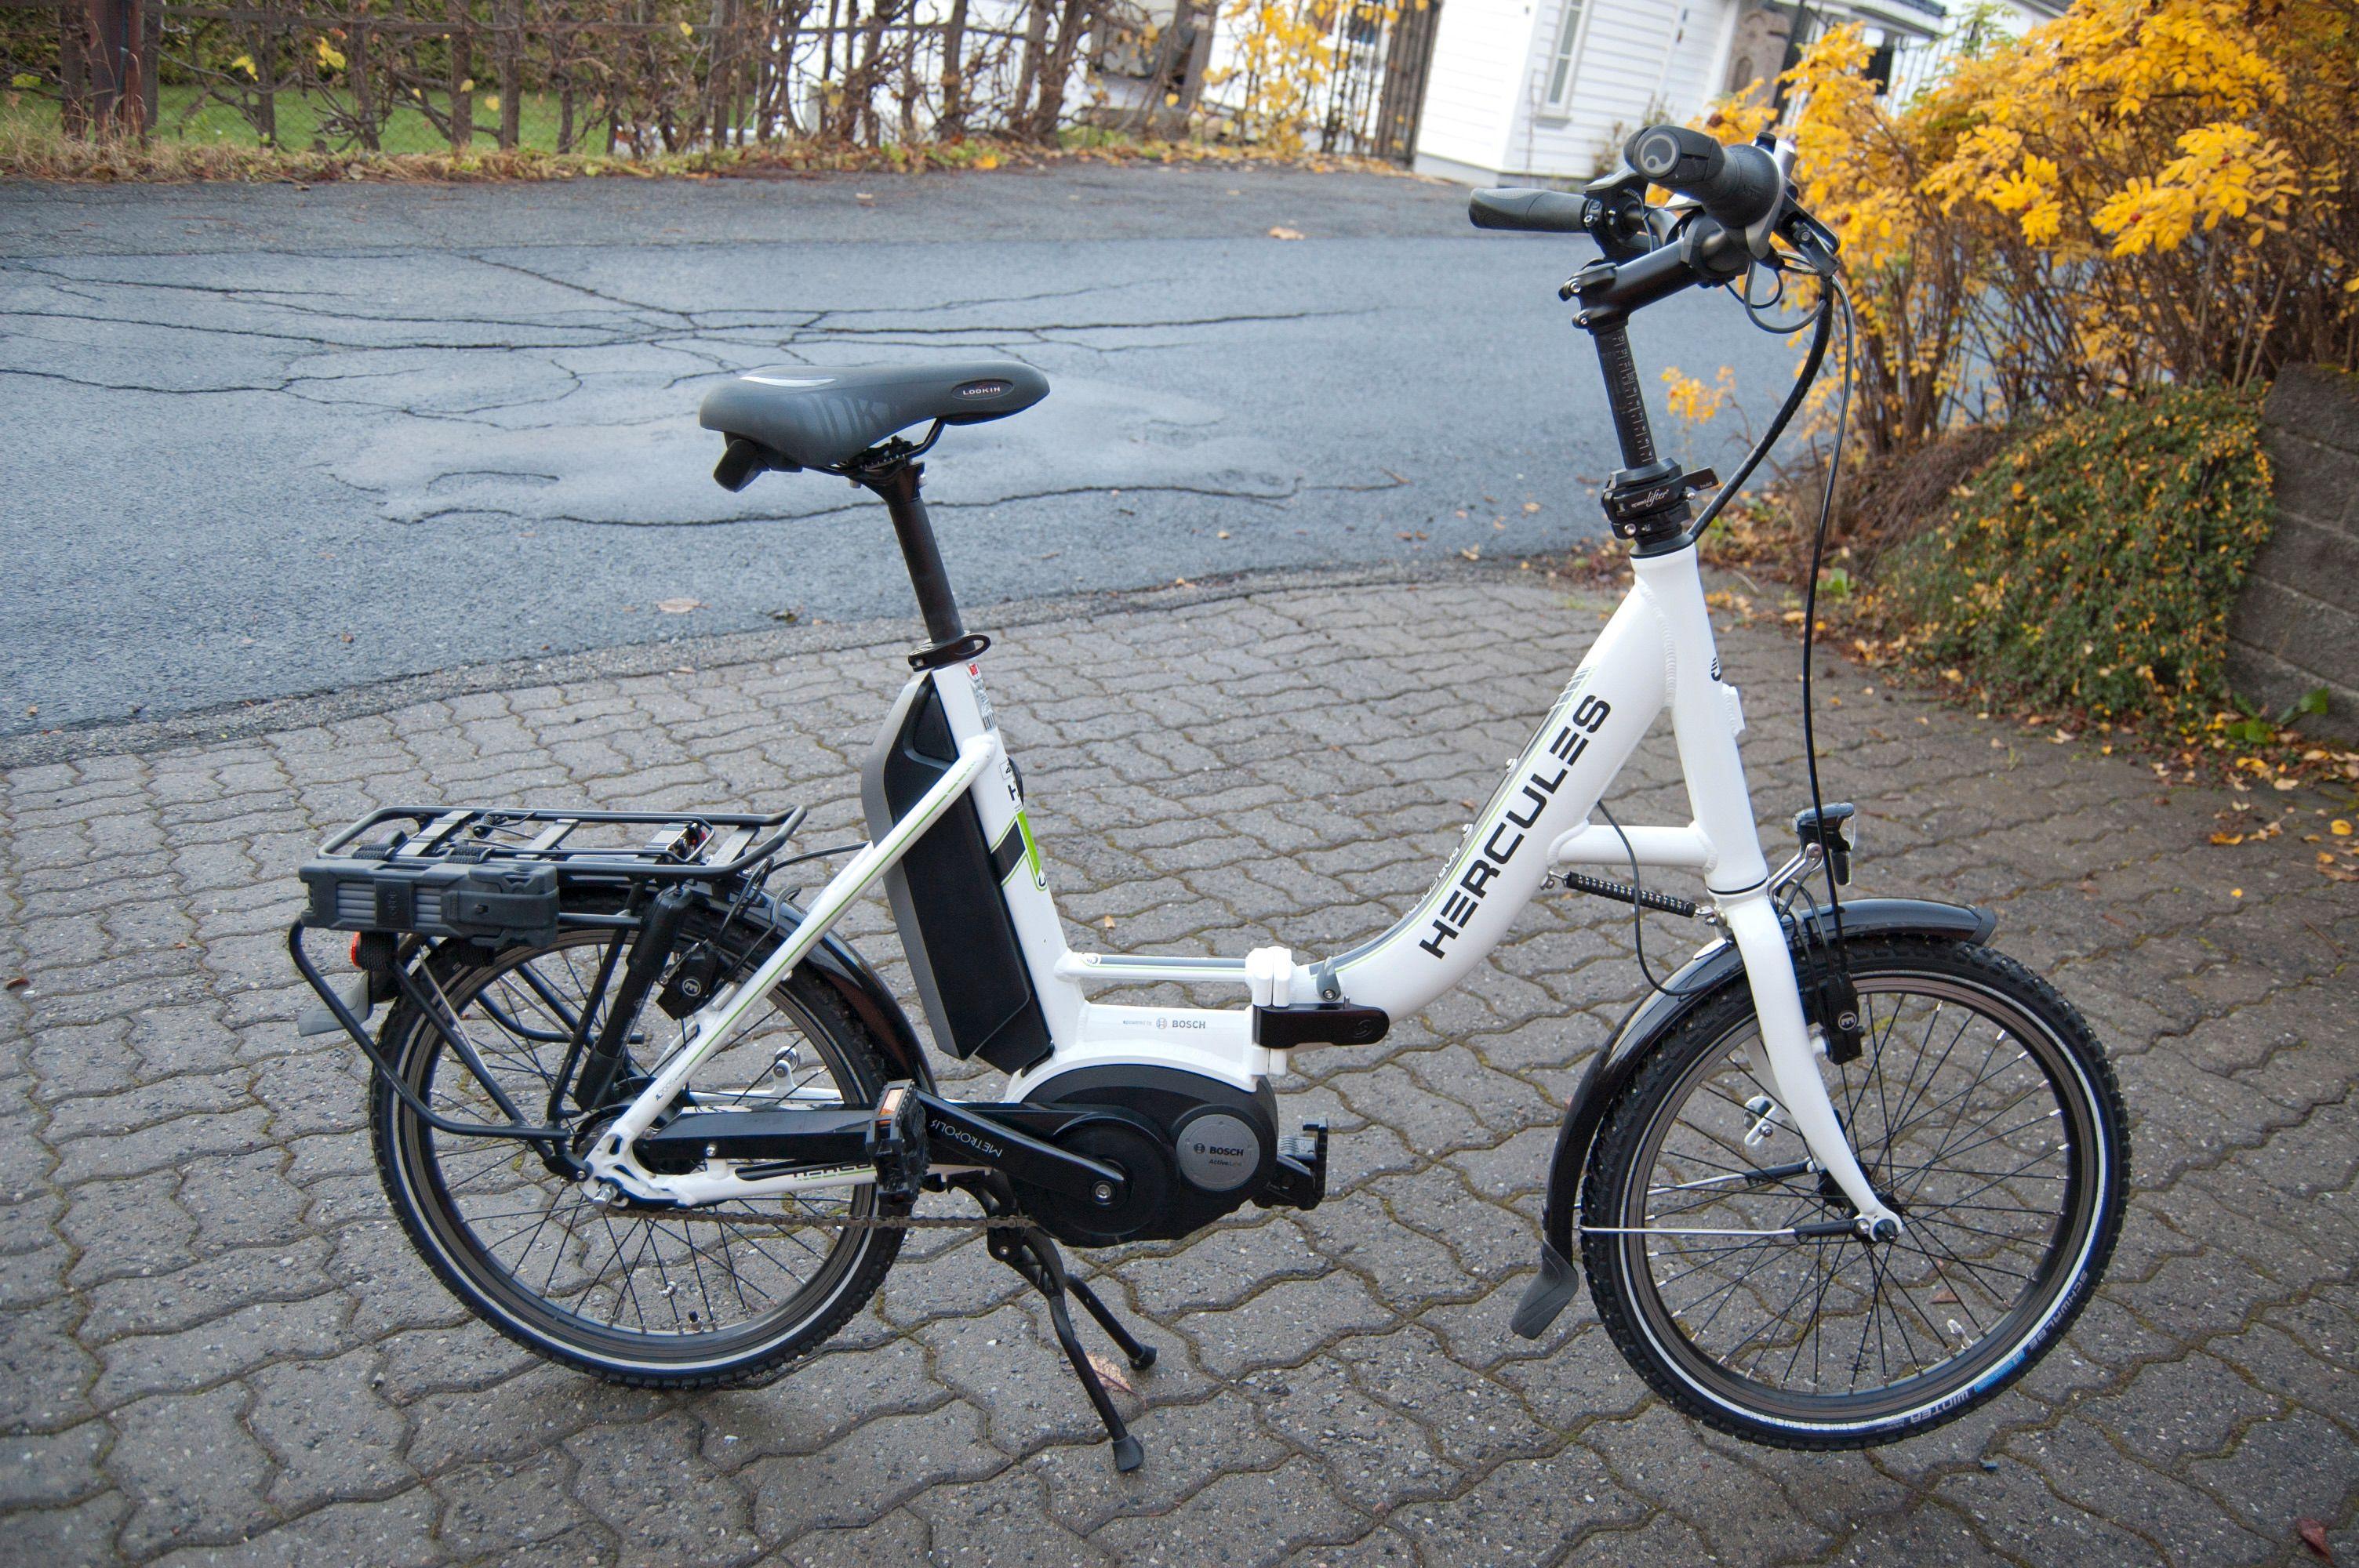 En ekstra kompakt eller sammenleggbar sykkel har både sjarm og en viss portabilitet. Men den er fremdeles tung.